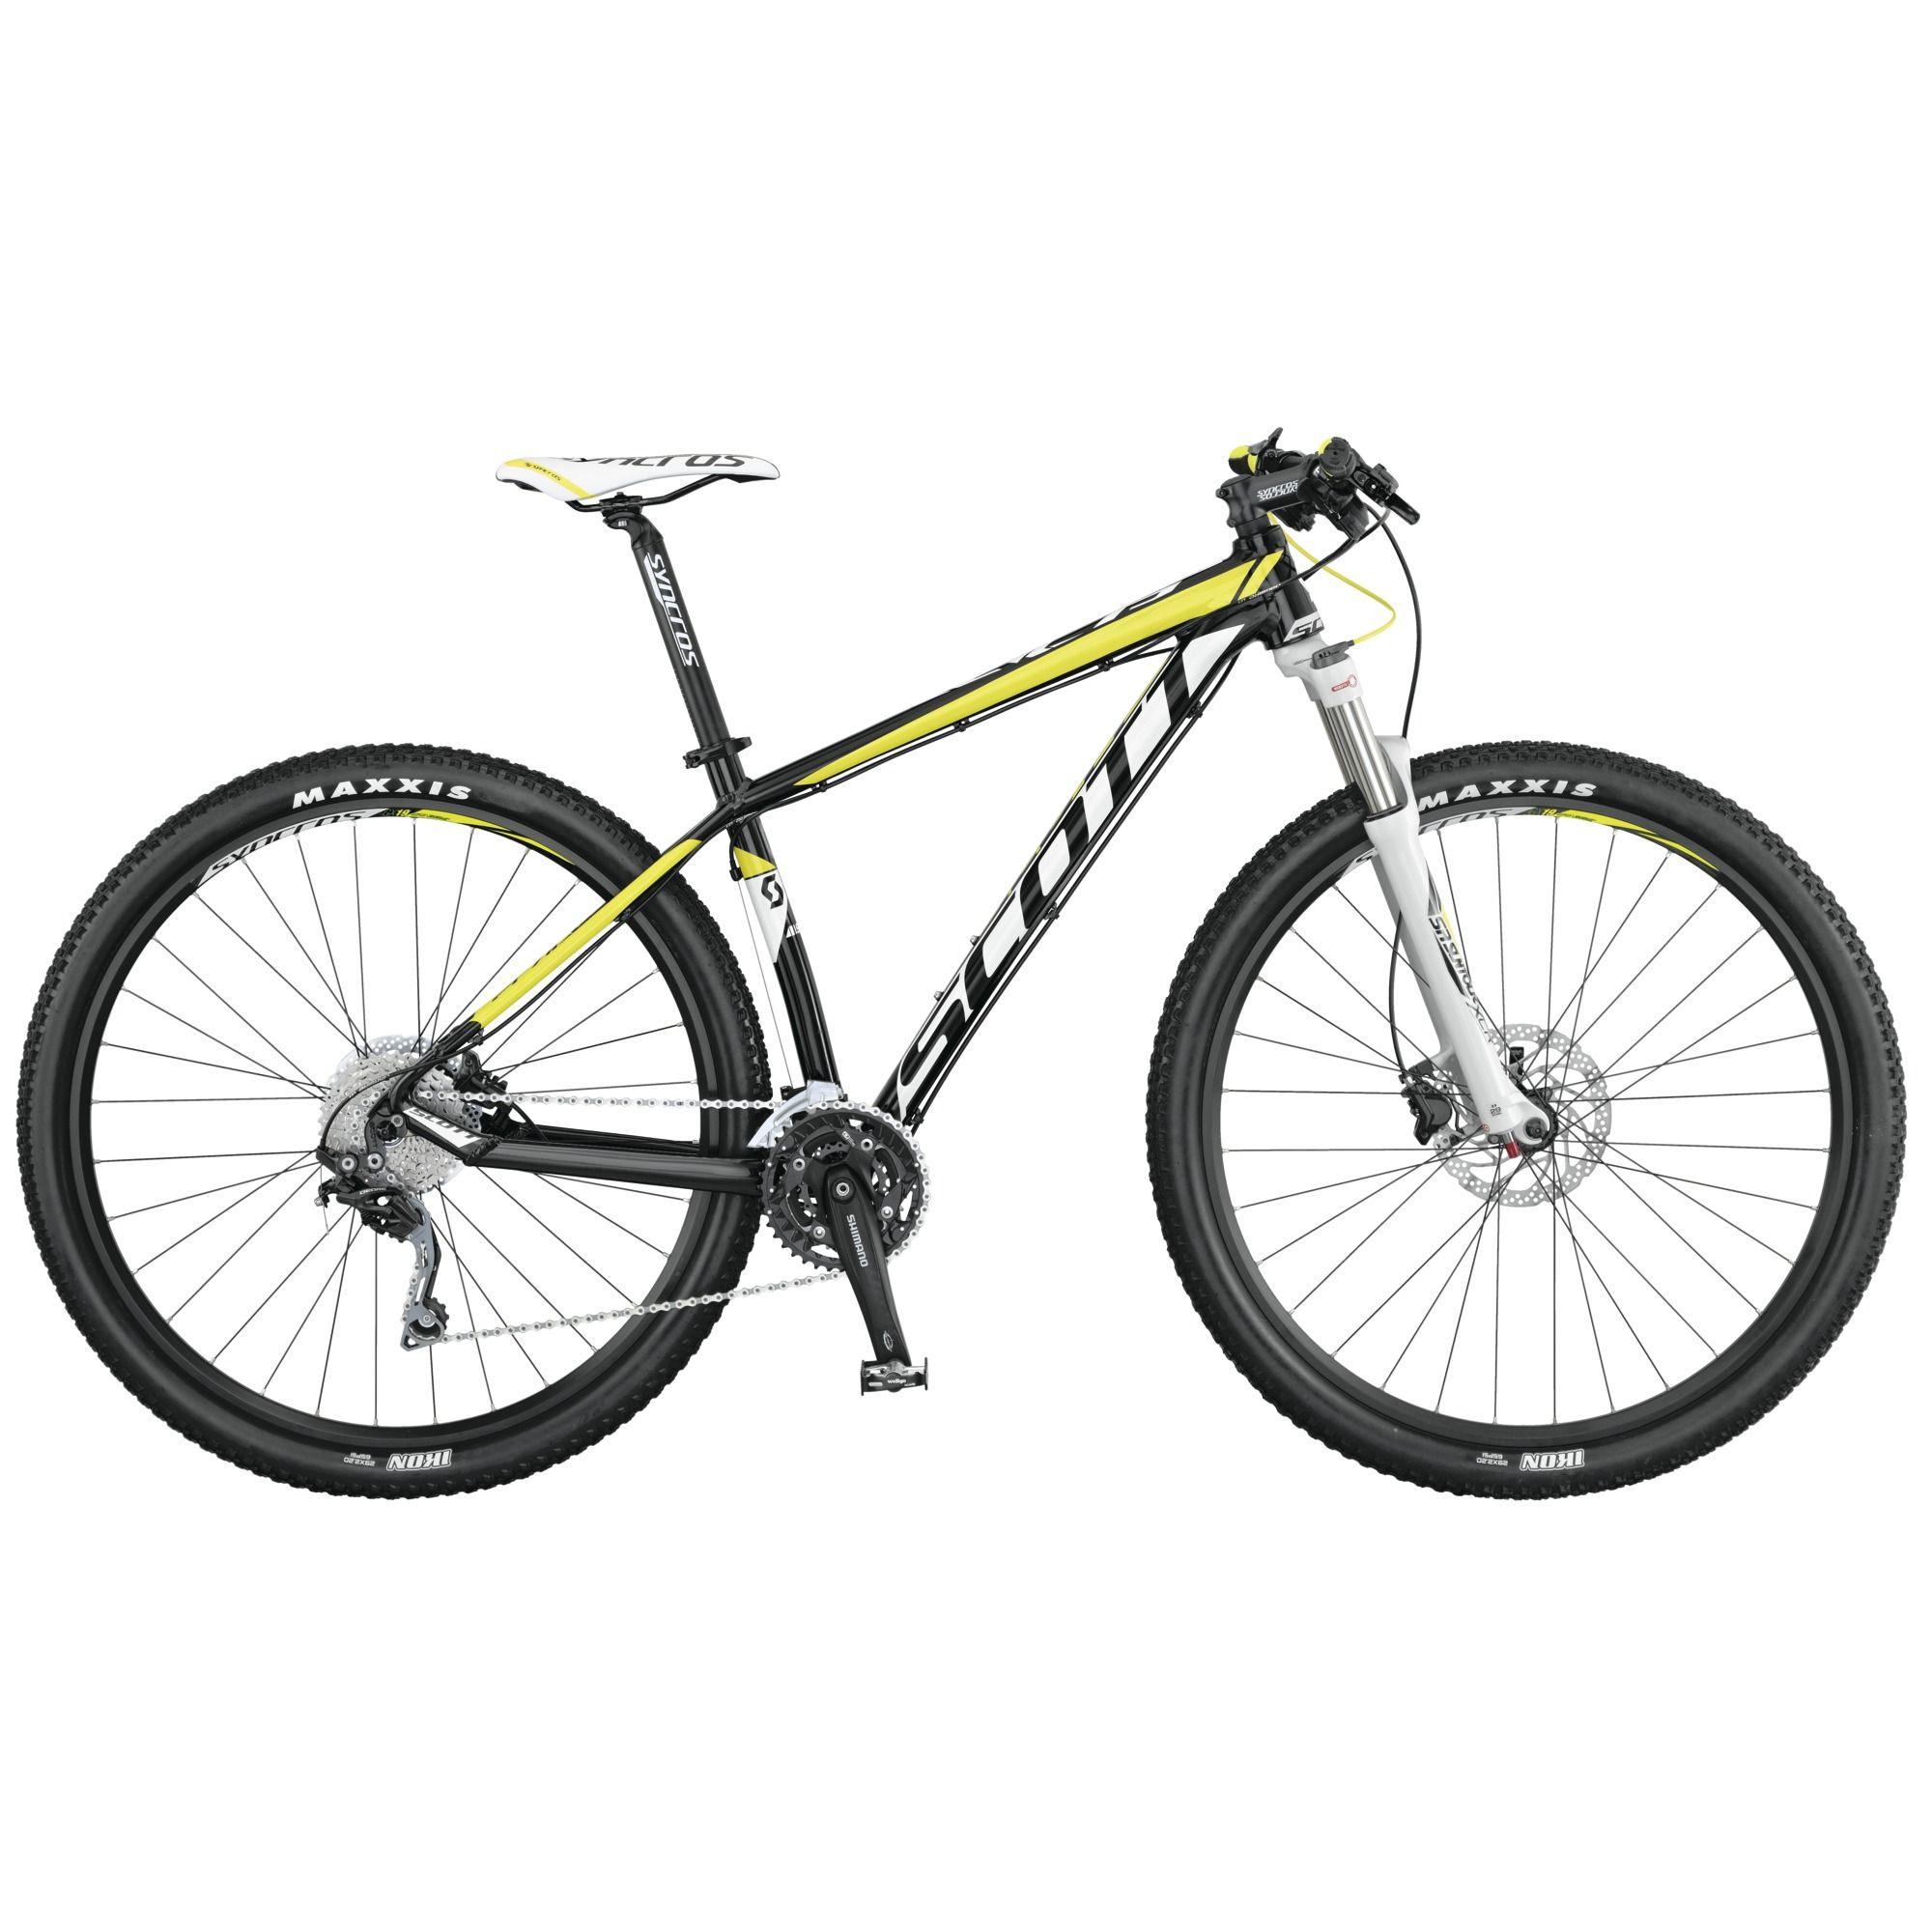 Scott sports bike scale 970 cn